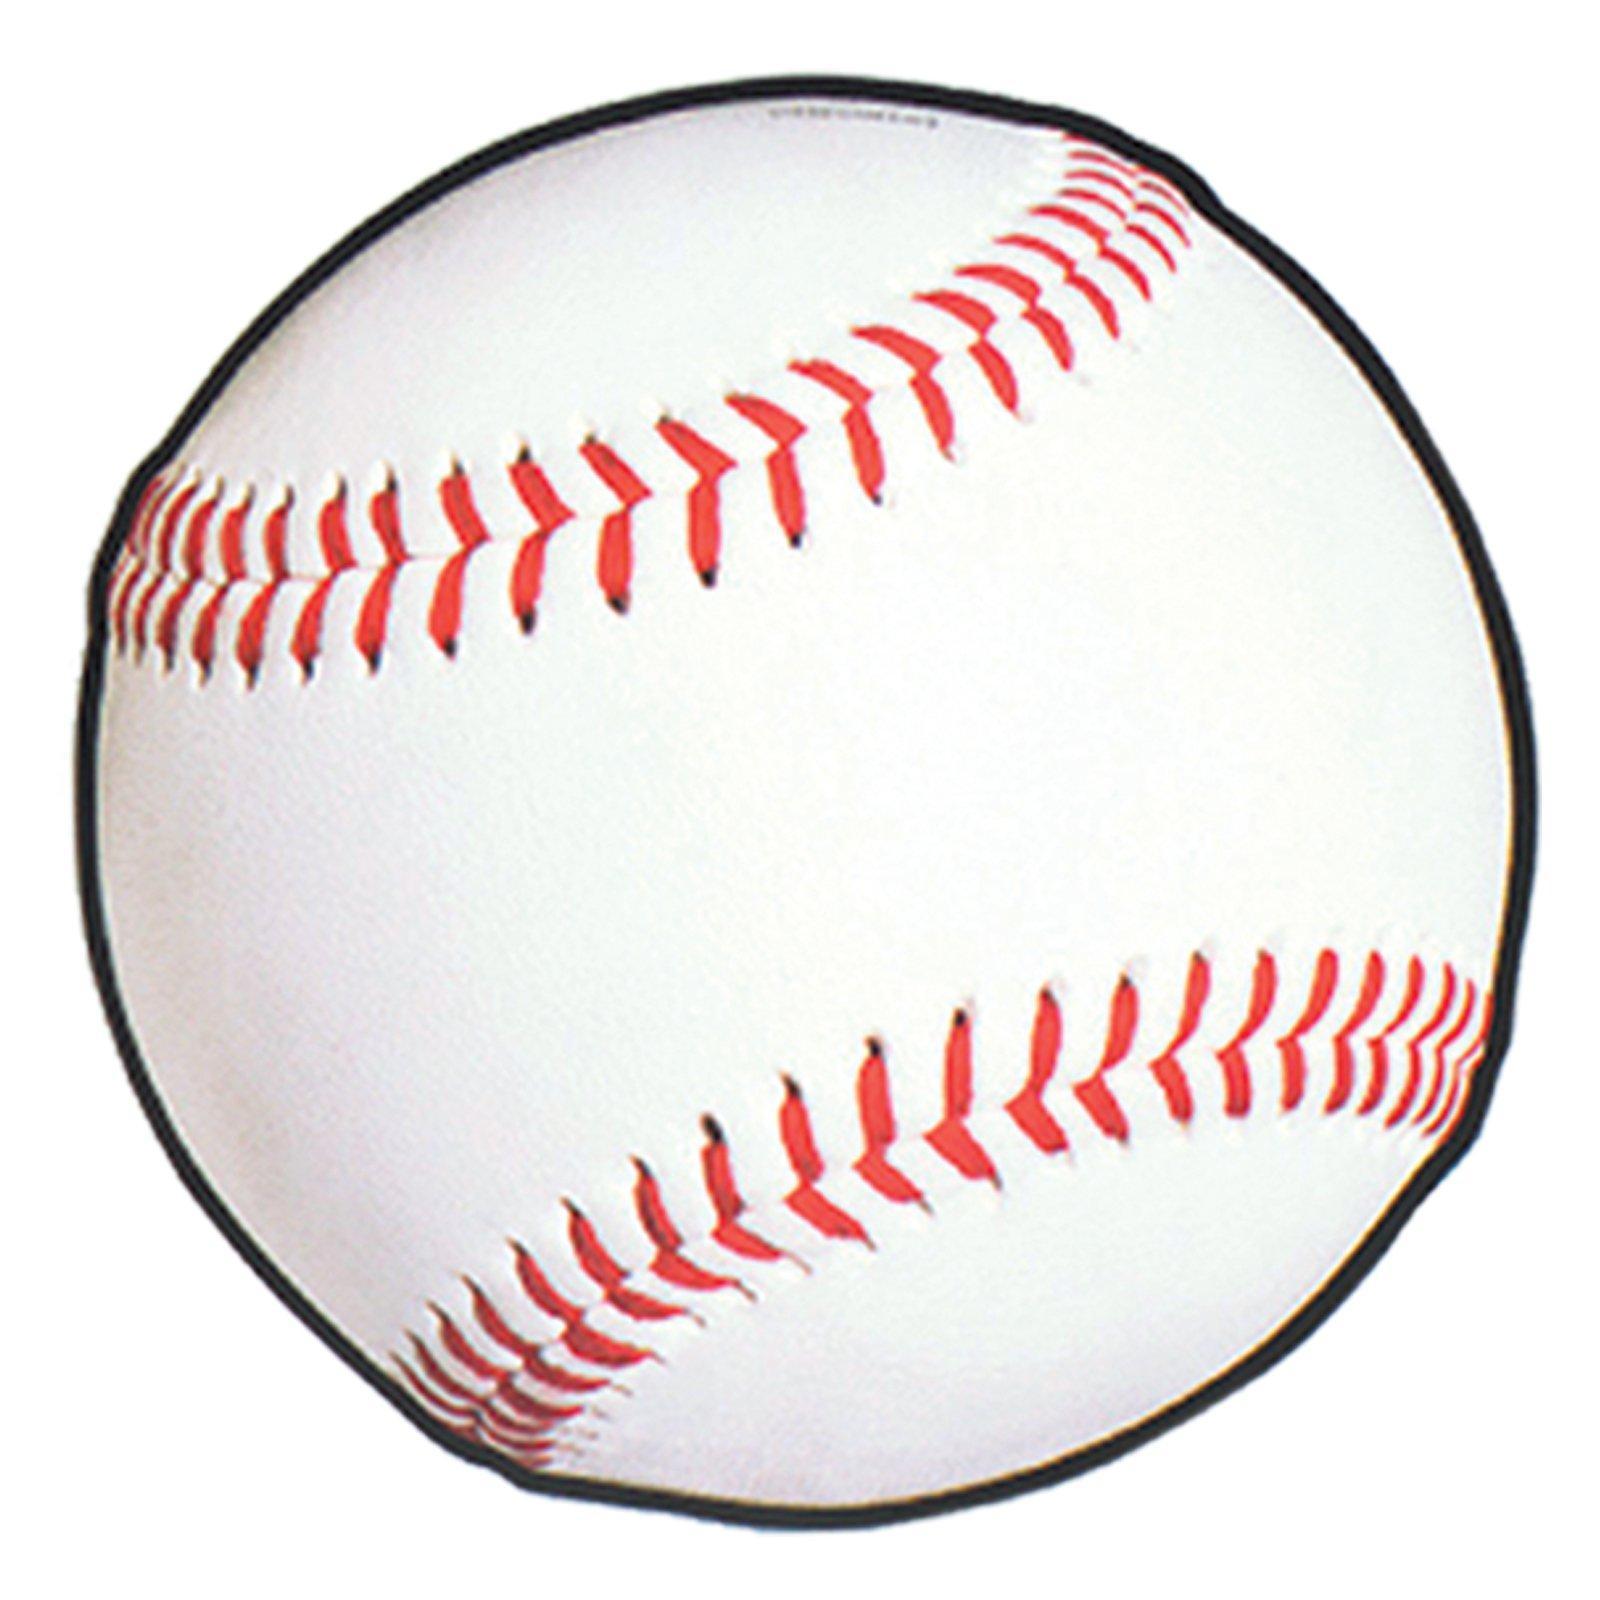 Easter clipart softball #4